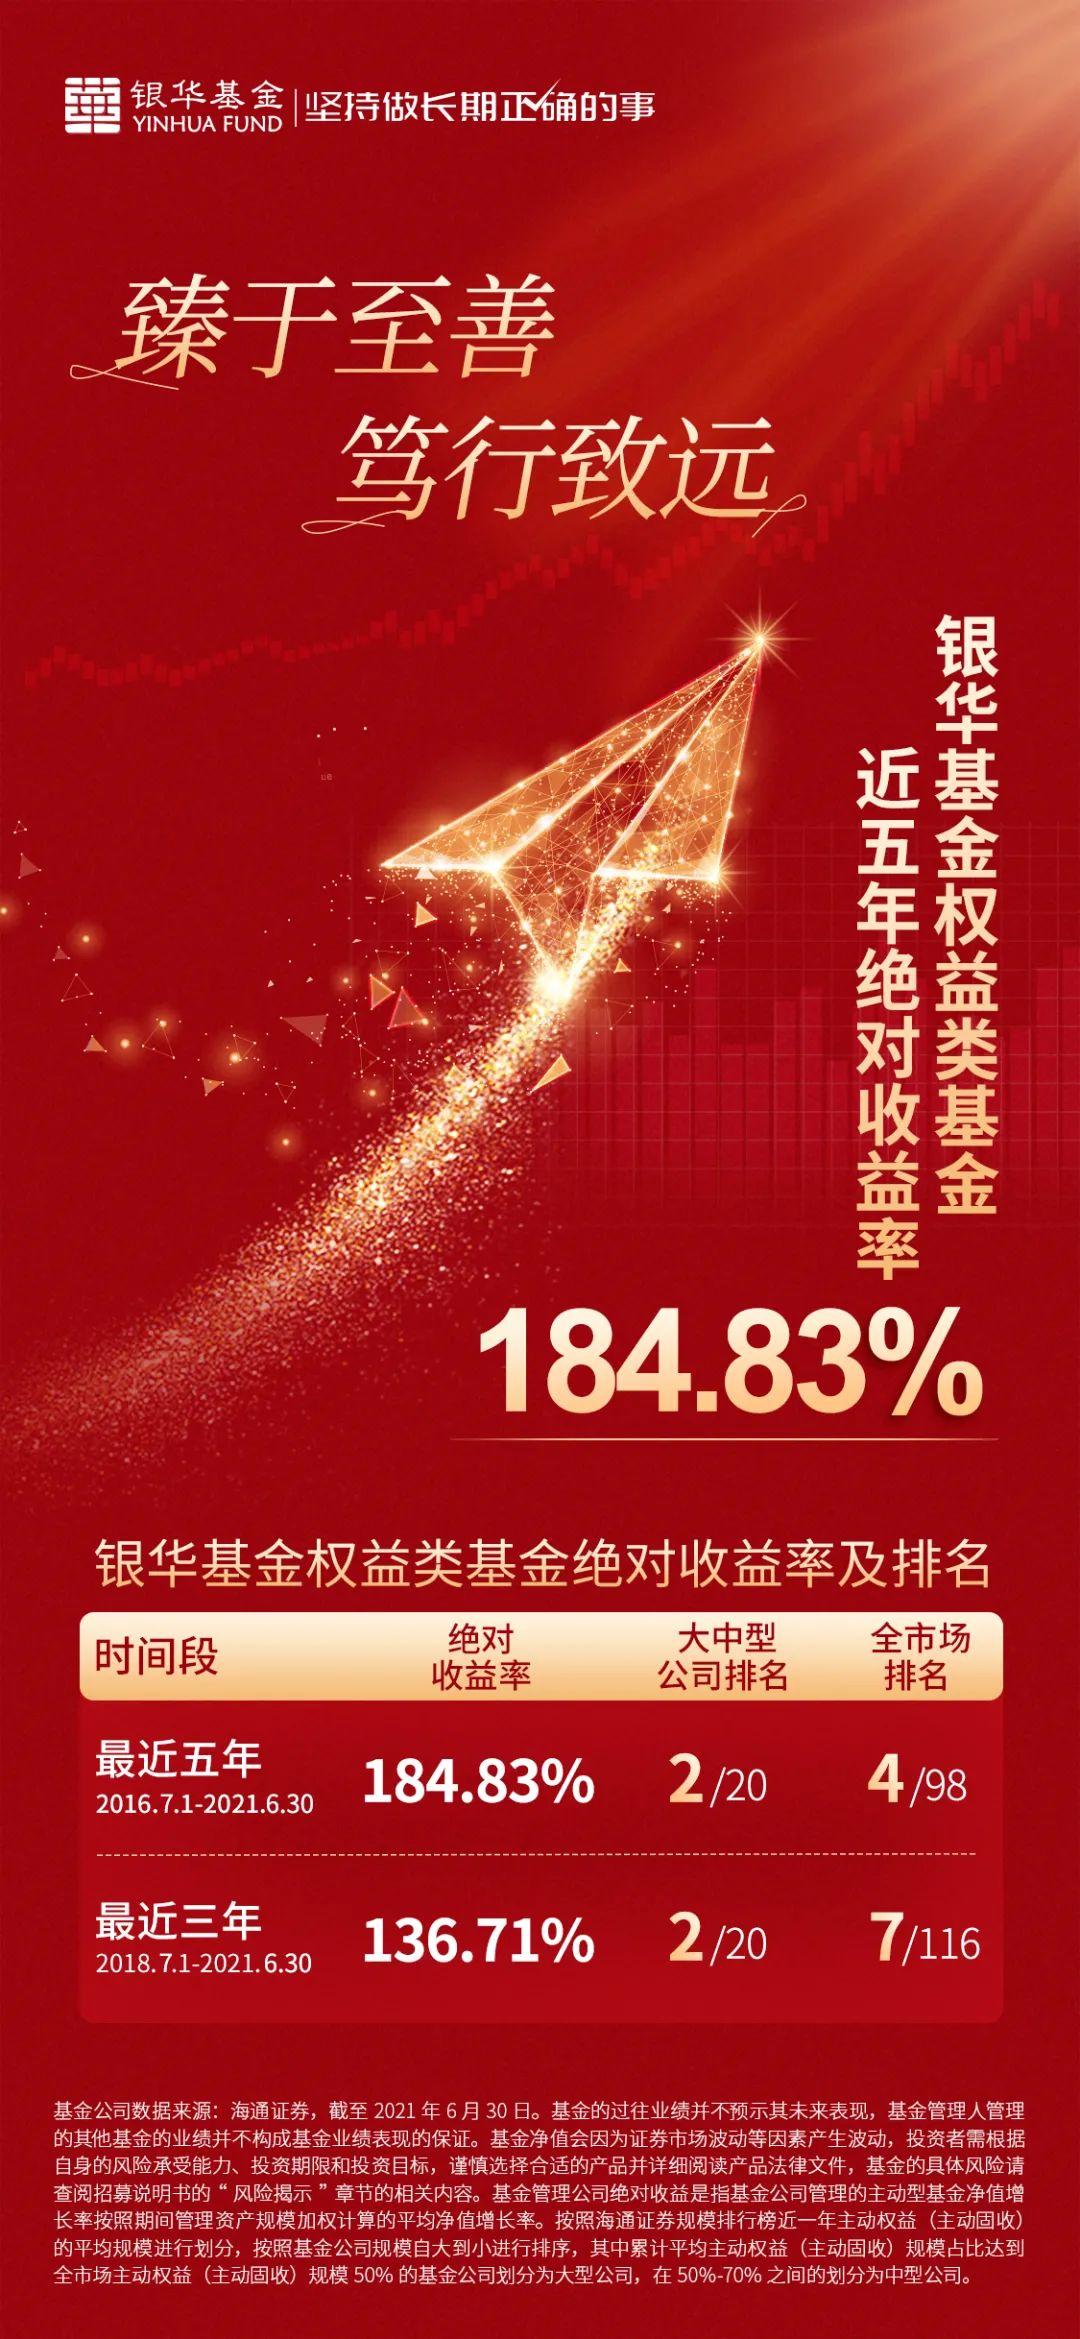 银华基金权益产品近五年绝对收益184.83% 在大中型基金公司中排名第二